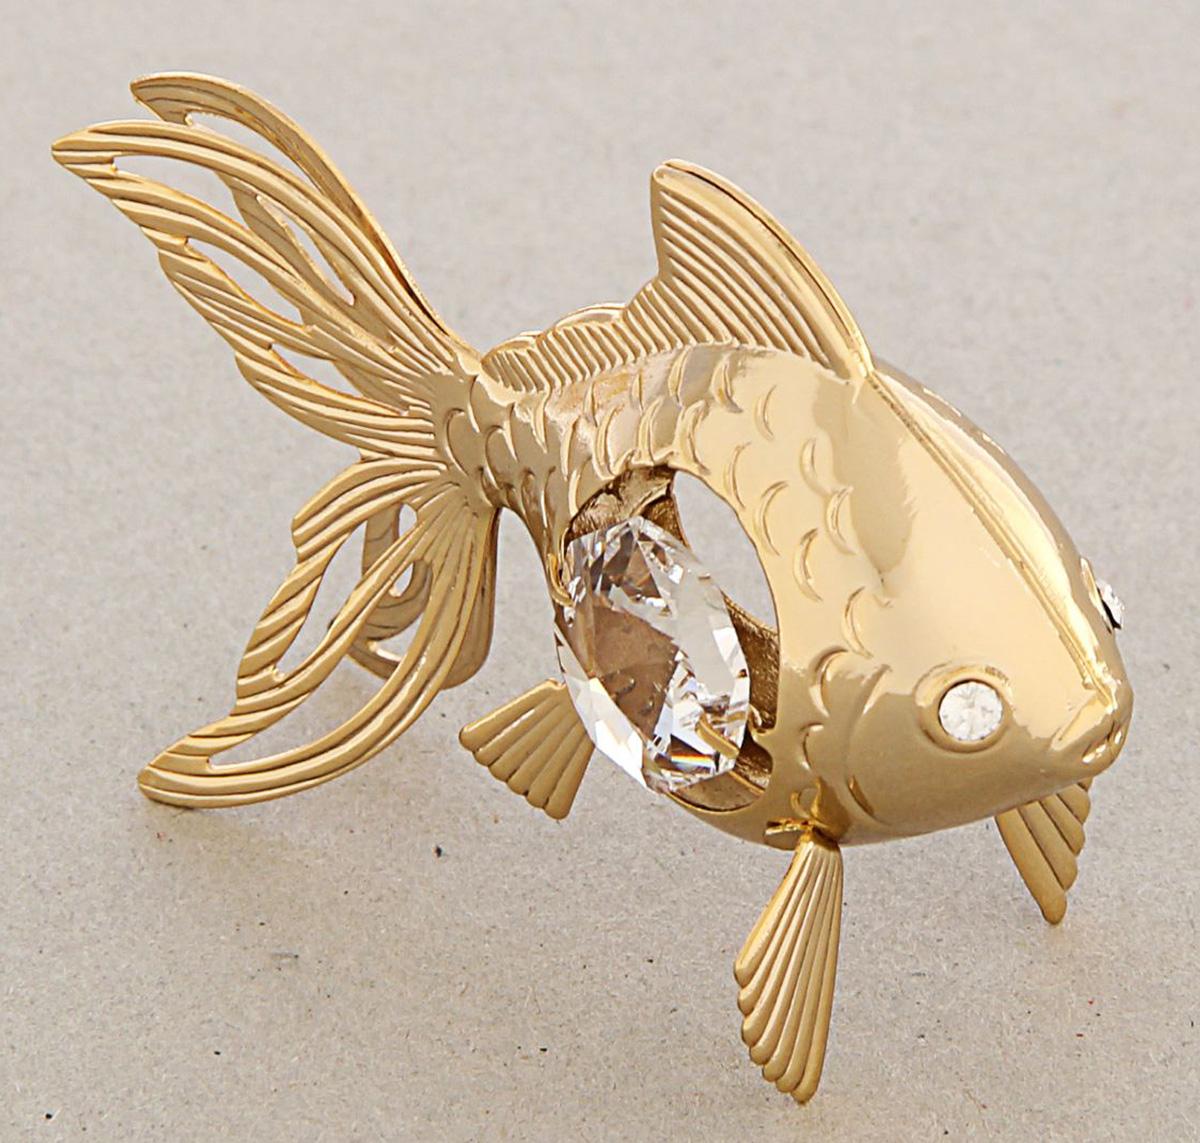 Сувенирная рыбка станет идеальным подарком близкому человеку и всем любителям эксклюзивных вещей ручной работы. Она символизирует изобилие, богатство и успех. Это символ, связанный со счастьем и сексуальной гармонией.Сувенир украшен стразами Swarovski, которые были признаны специалистами лучшей имитацией бриллиантов. Свет, попадая на кристаллы Swarovski, разбивается на миллион радужных лучей. Это зрелище, бесспорно, оставляет яркое впечатление!